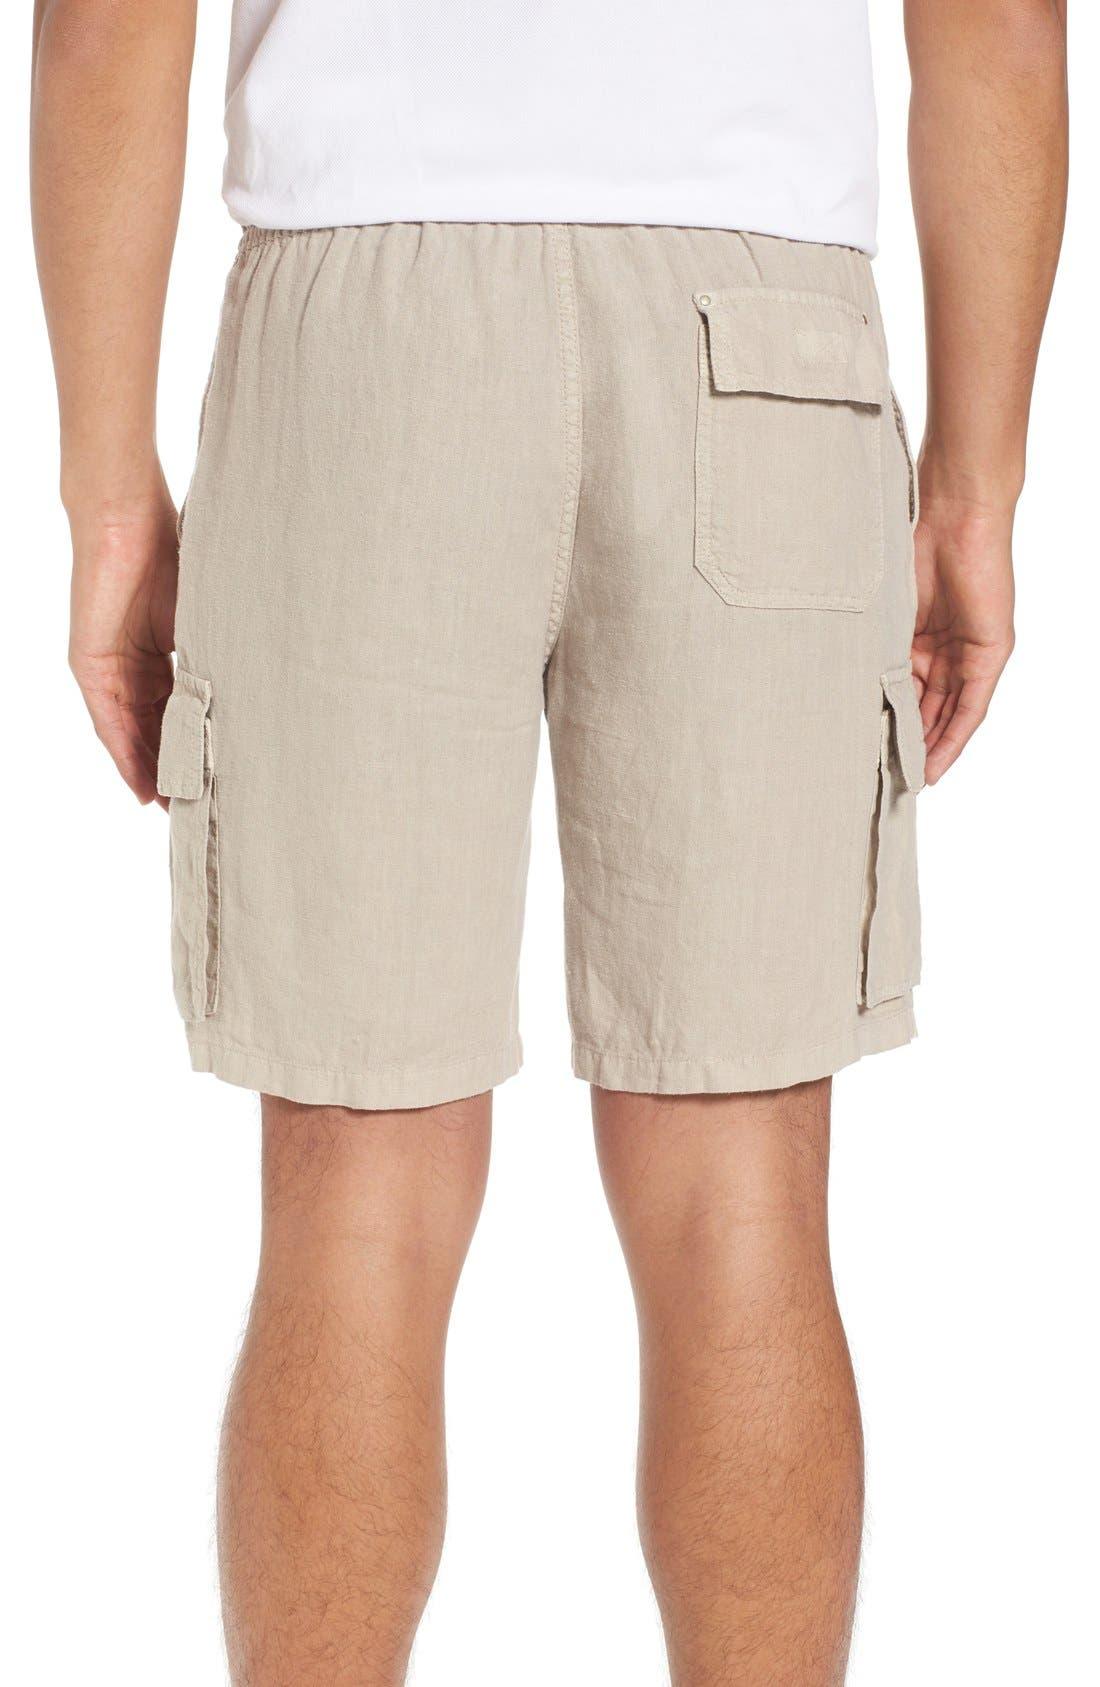 Vilbrequin Linen Cargo Shorts,                             Alternate thumbnail 2, color,                             Jute